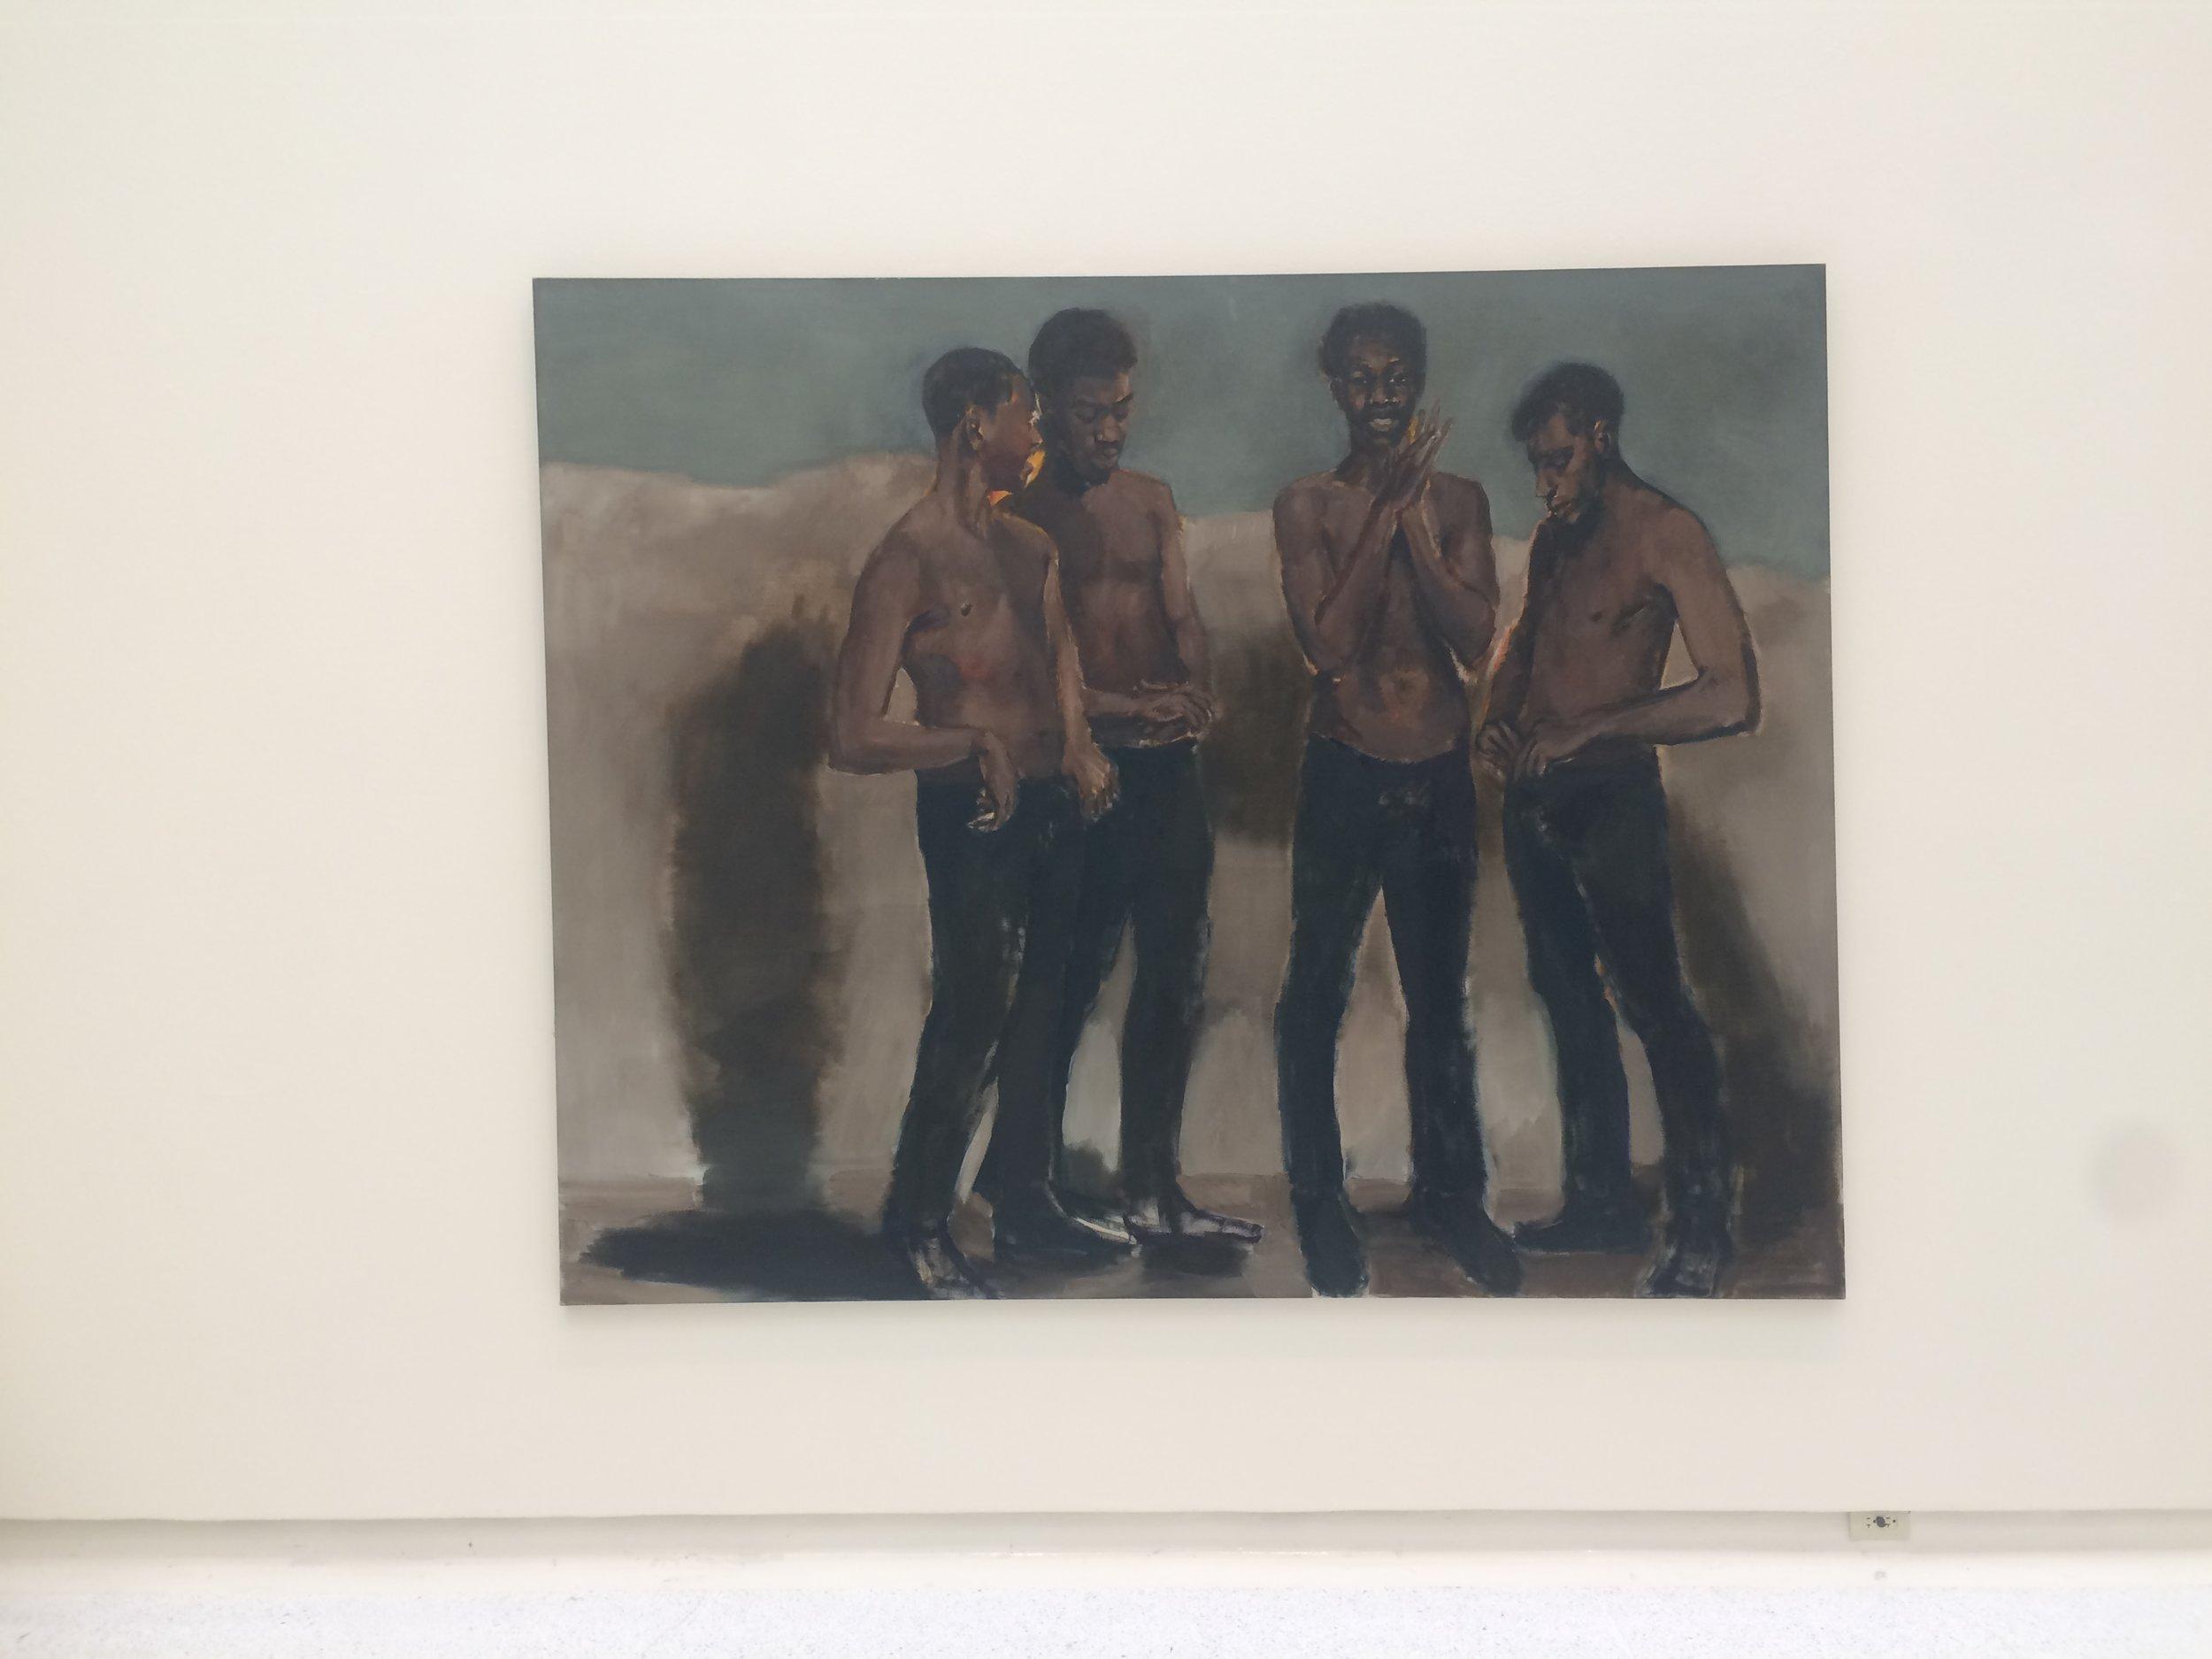 Painting by Lynette Yiadom–Boakye